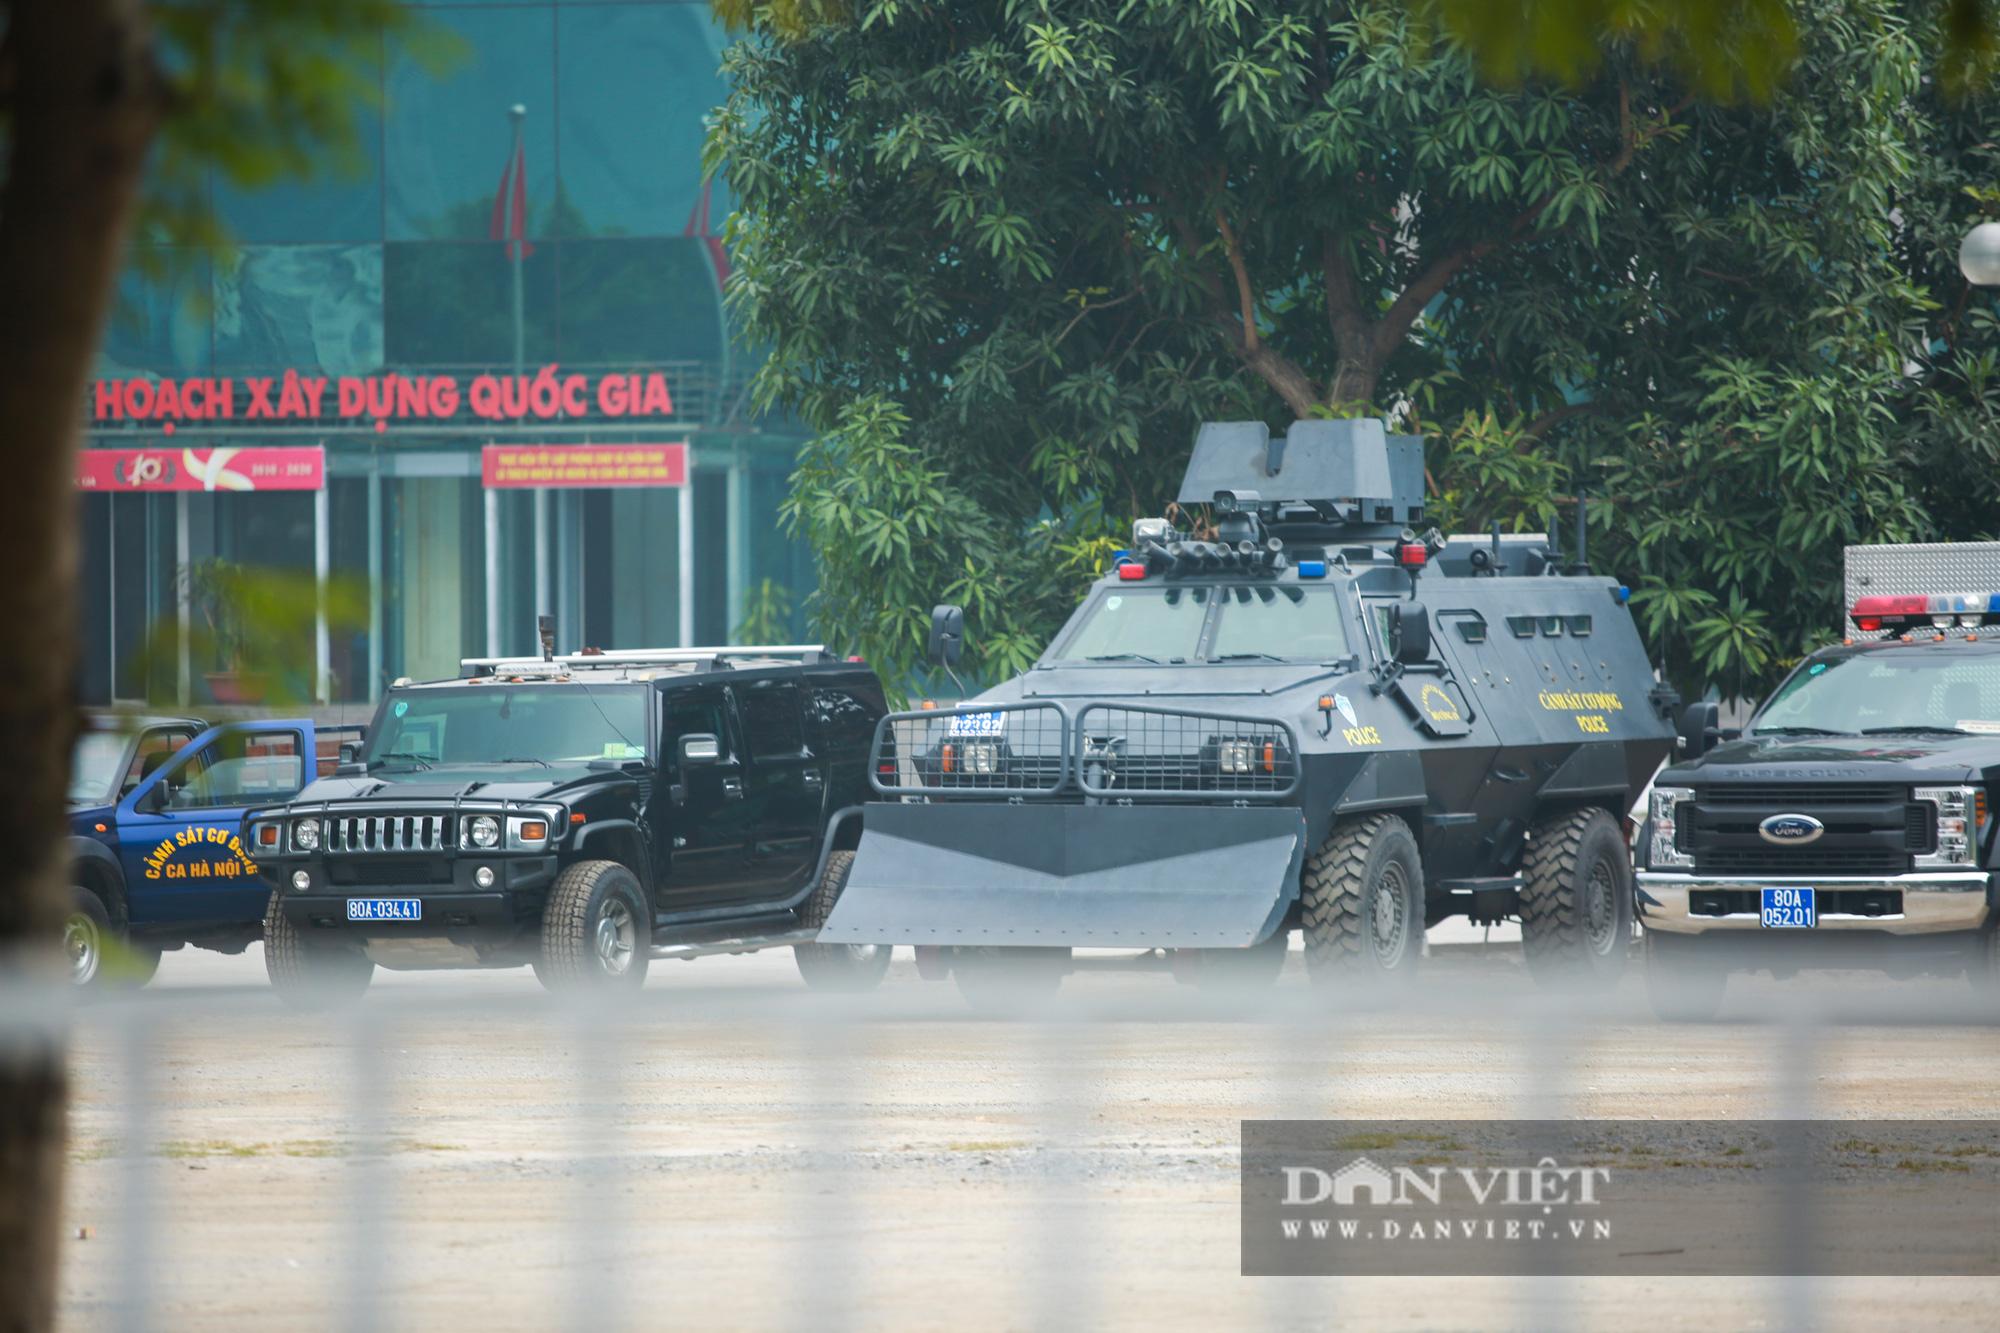 """Cận cảnh dàn xe """"khủng"""" làm nhiệm vụ bảo vệ đại hội Đảng trong Trung tâm Hội nghị Quốc gia - Ảnh 4."""